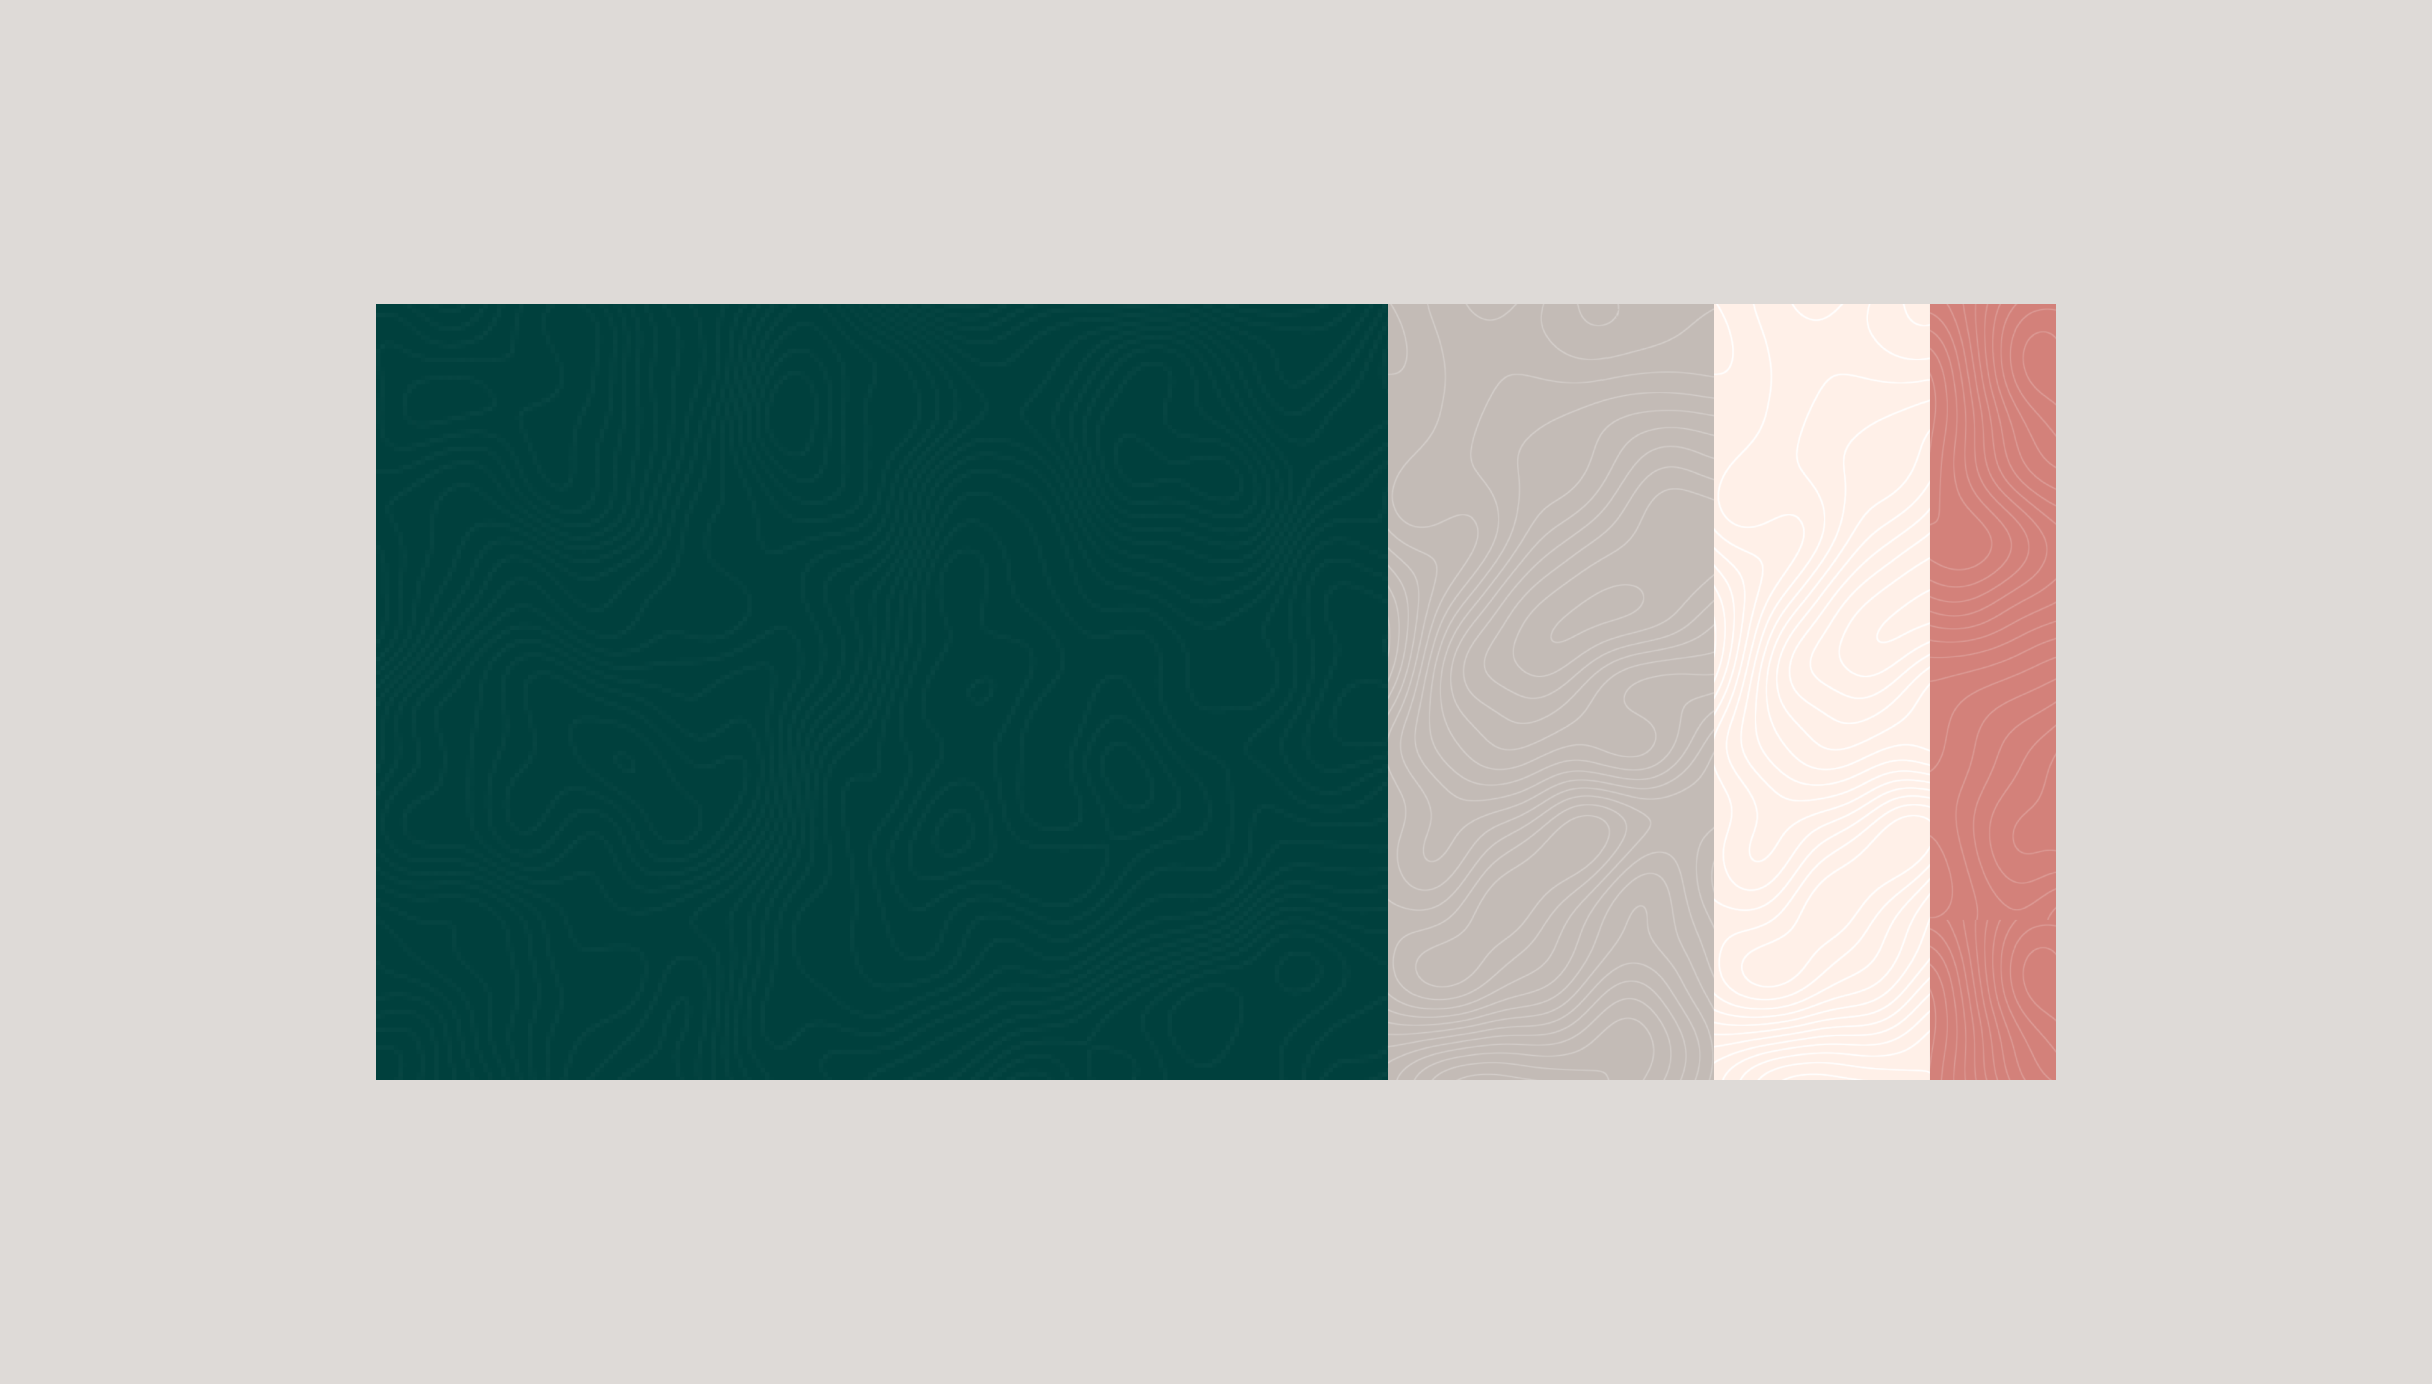 Ripe Planet new colour palette